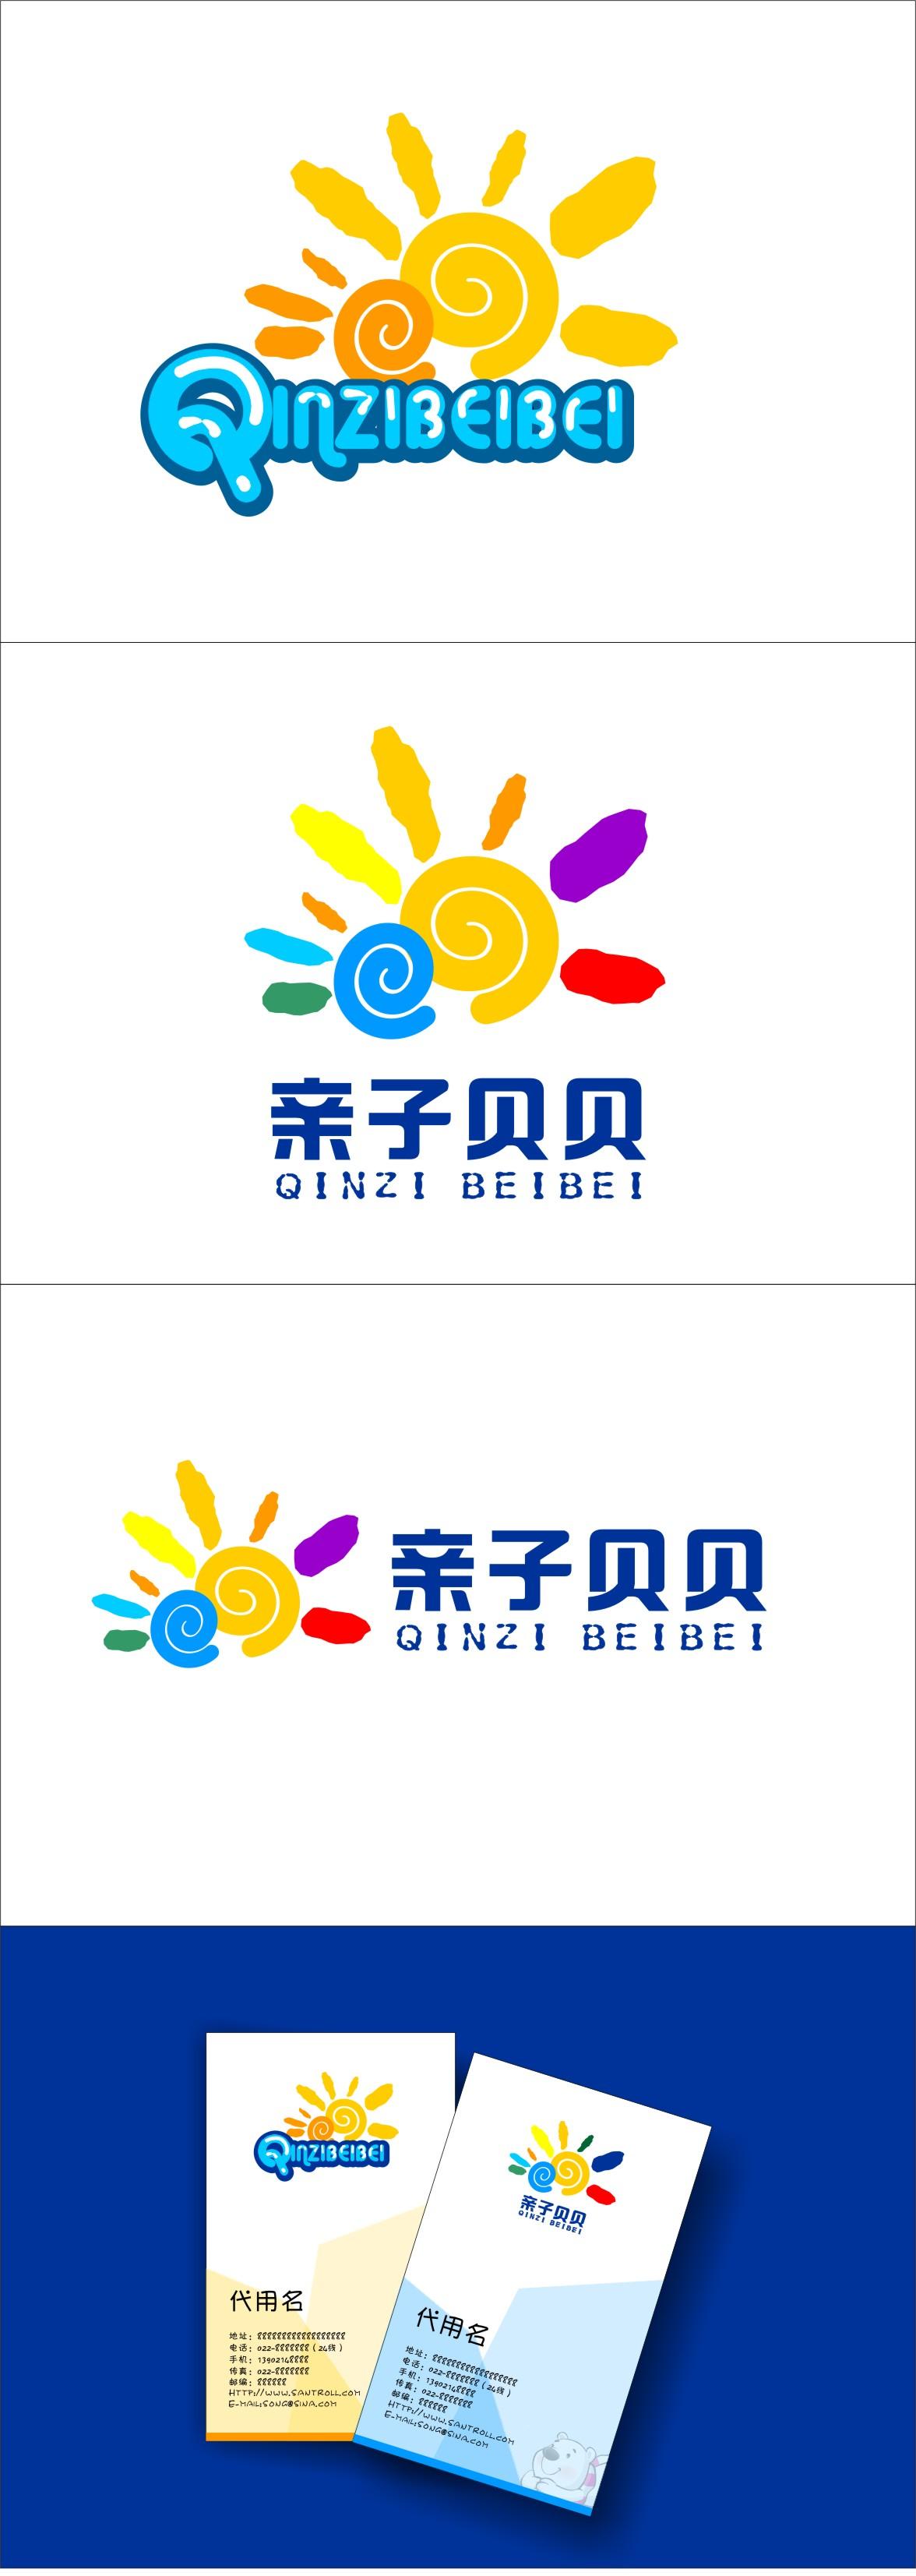 亲子贝贝婴童用品店logo及店招名片设计图片